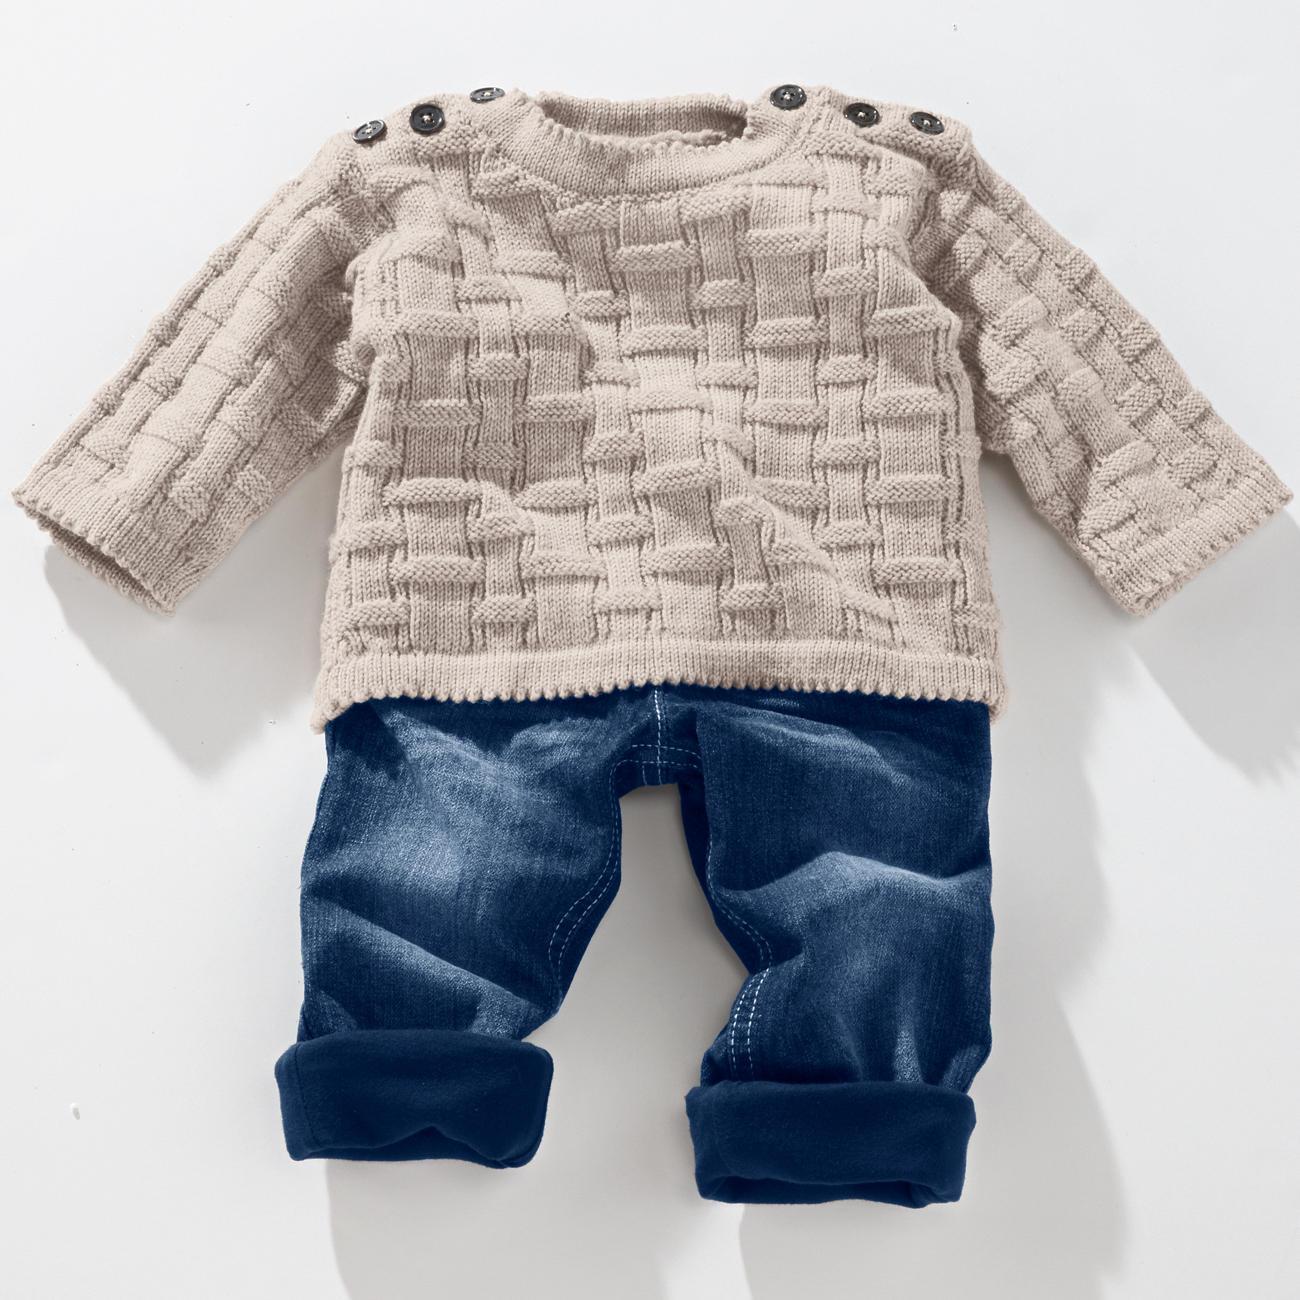 modell 246 2 babypulli aus freizeit uni 4 f dig von. Black Bedroom Furniture Sets. Home Design Ideas